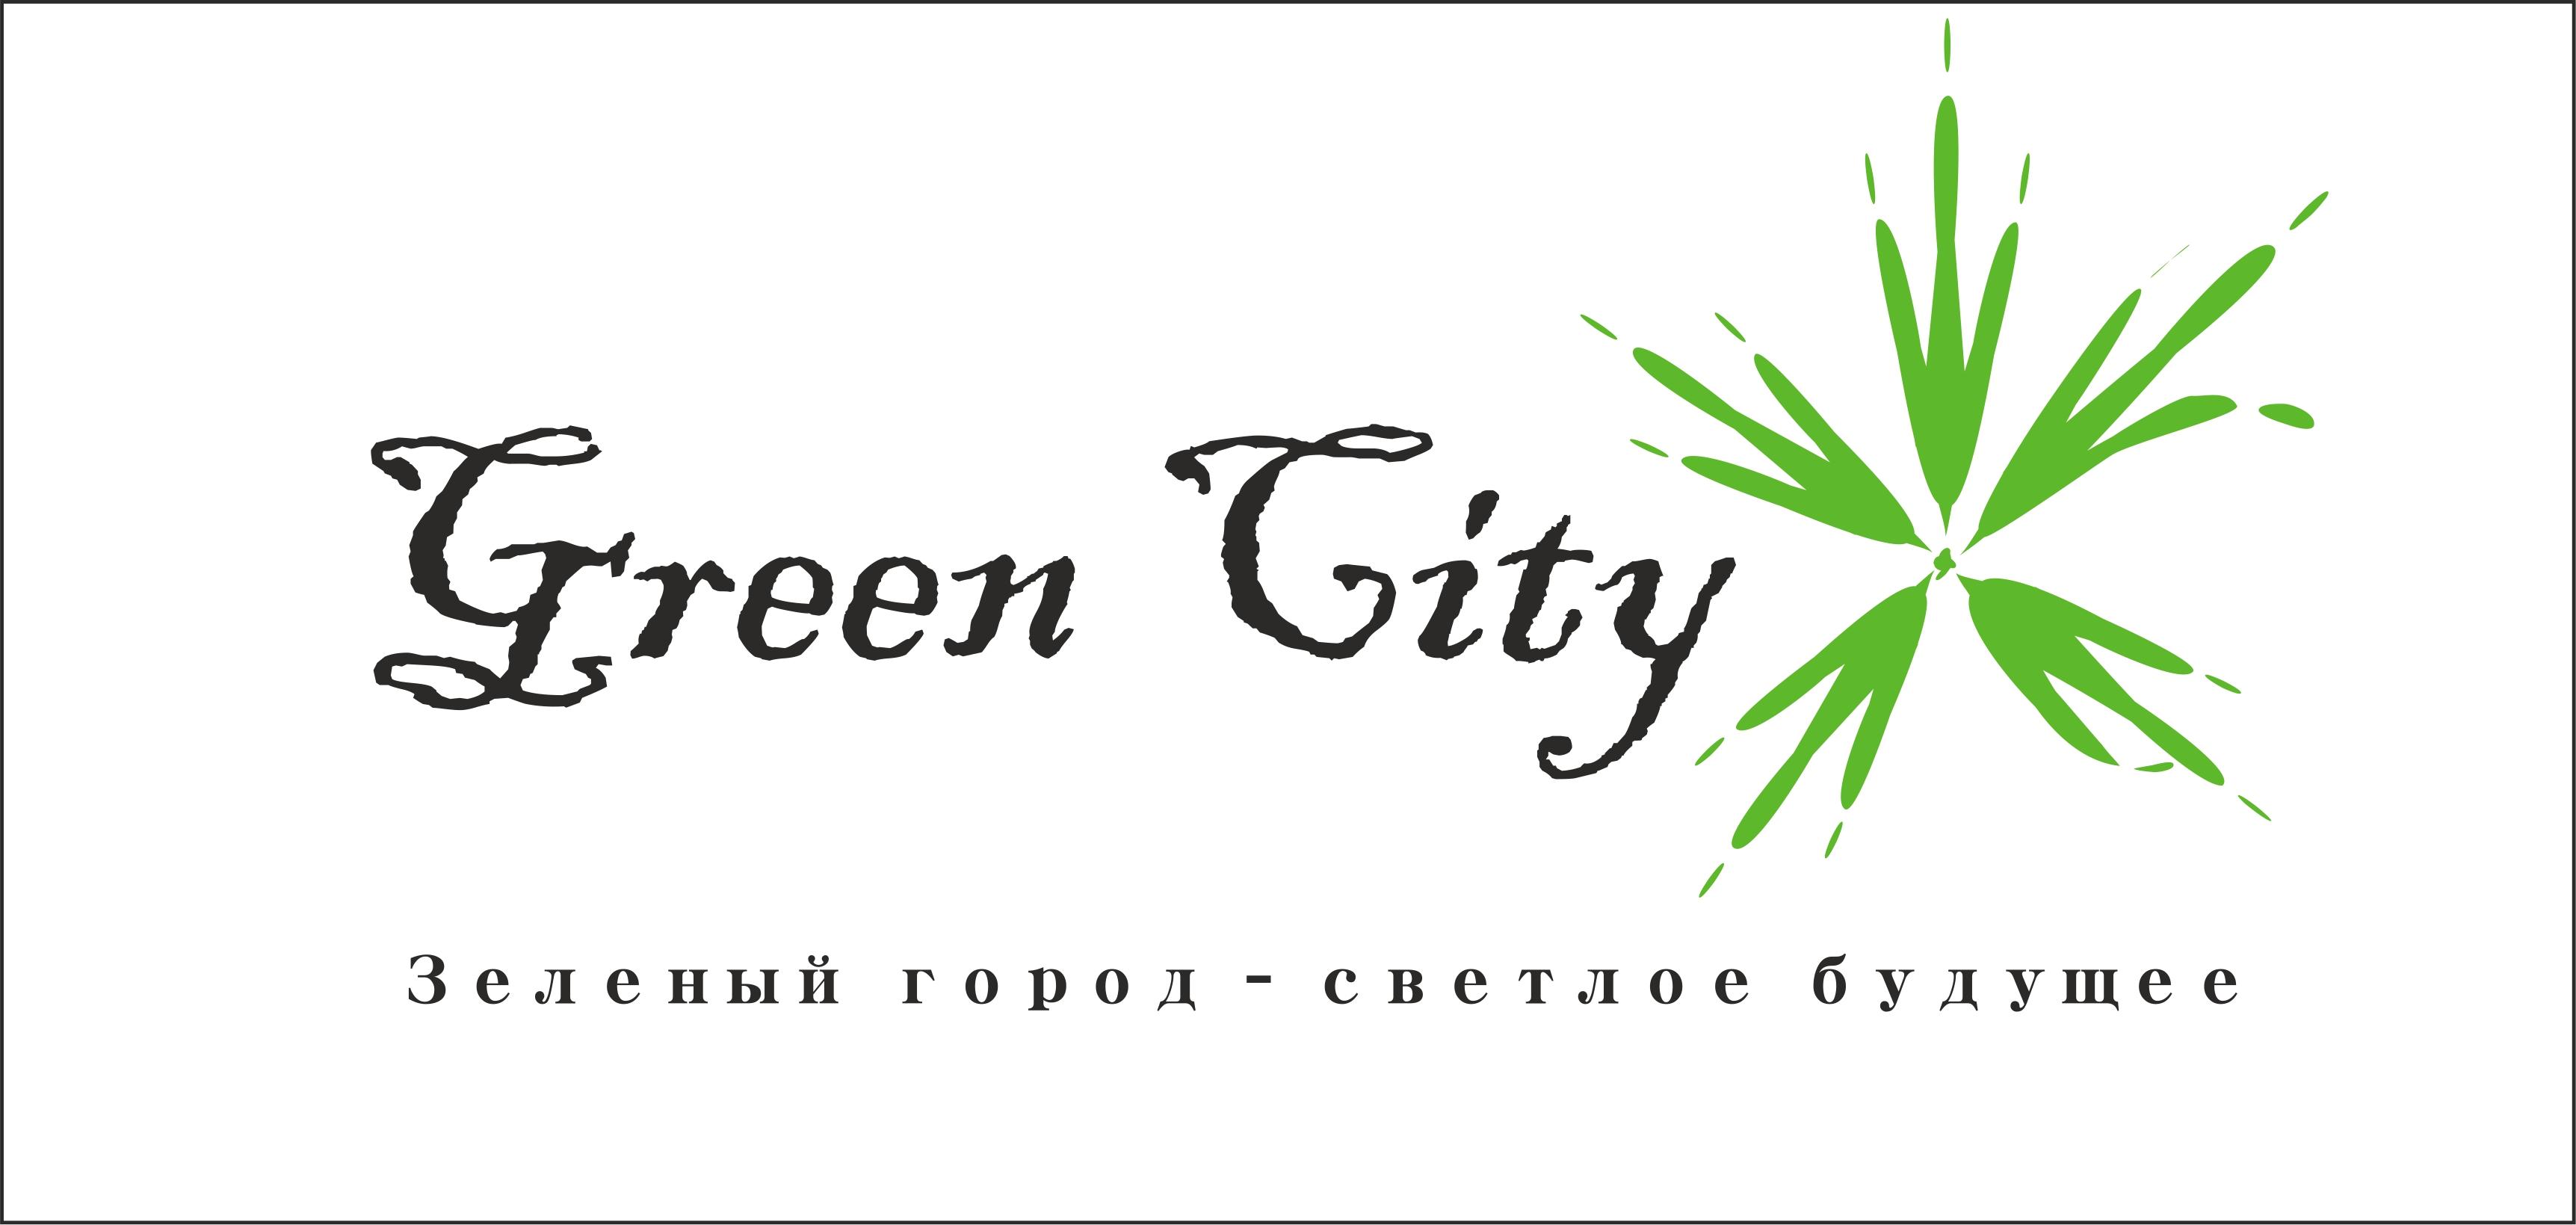 Разработка название садового центра, логотип и слоган фото f_1765a7498916227e.jpg